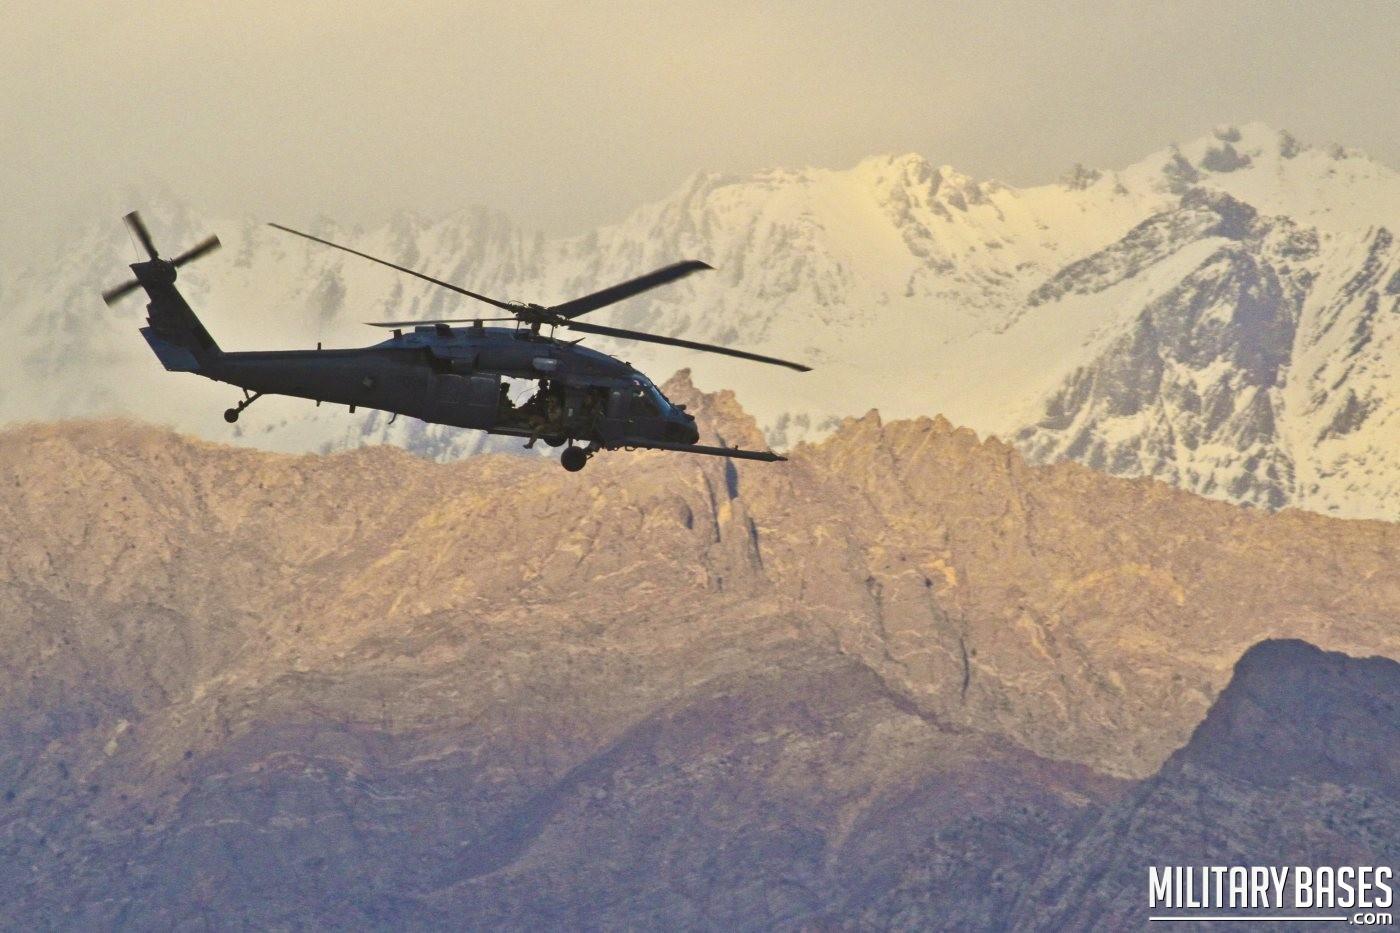 Bagram Air Base 2011 Photos of Bagram Air Base in